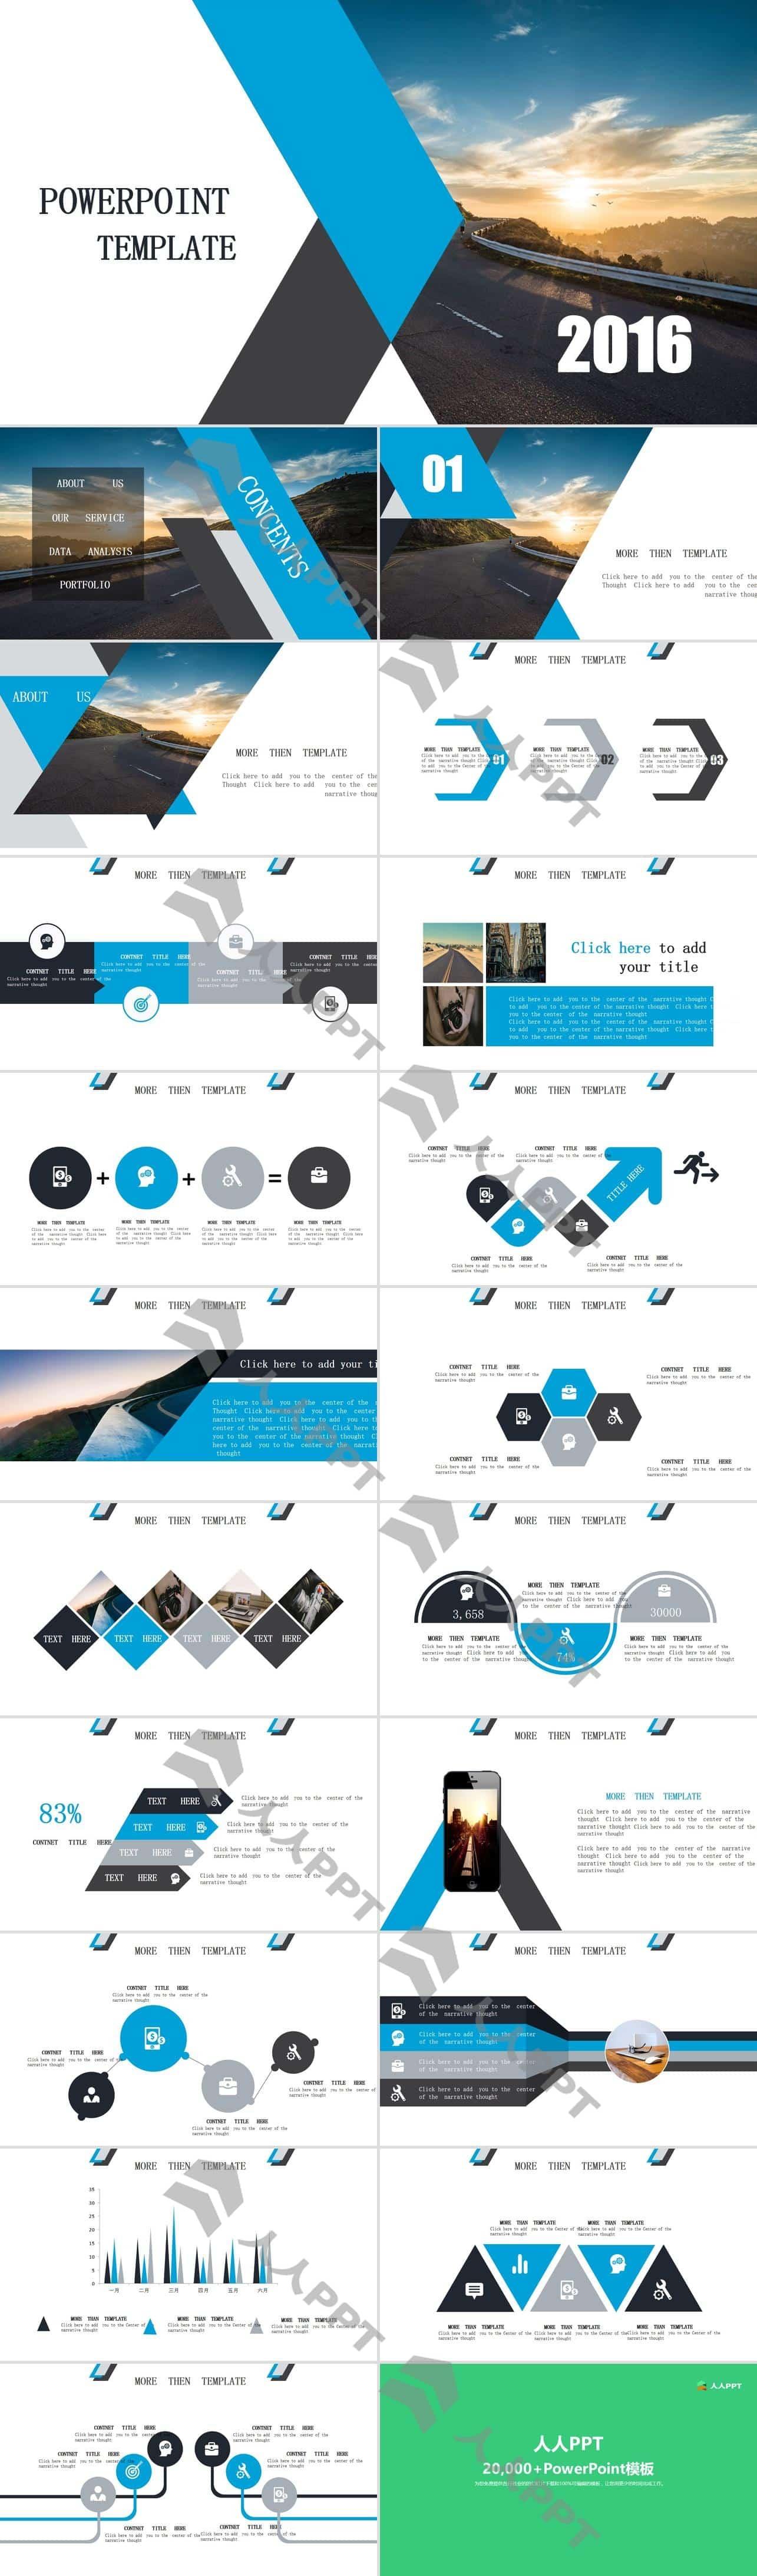 大图背景几何形状创意视觉排版精美商务PPT模板长图